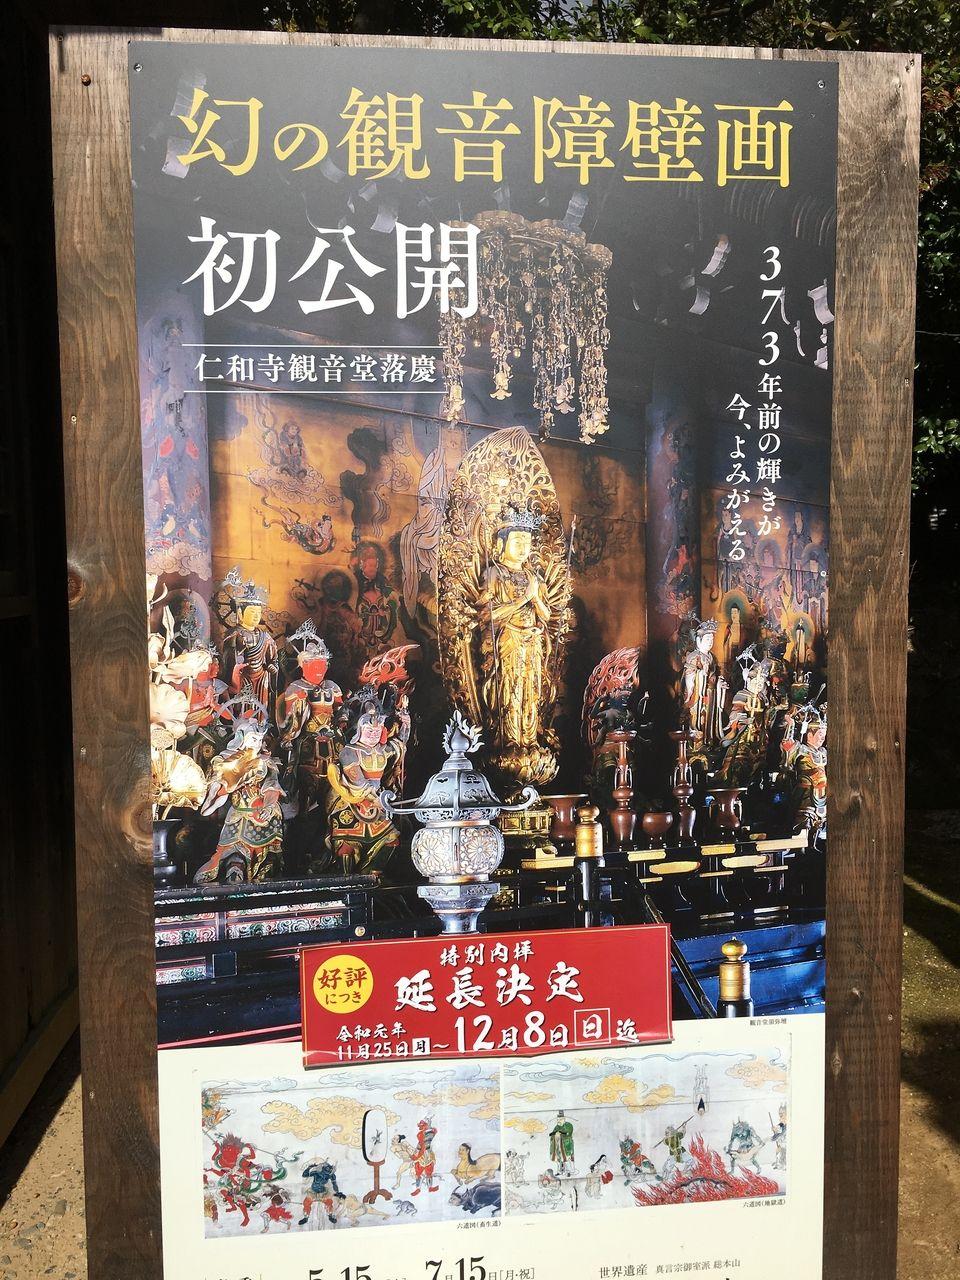 仁和寺観音堂落慶 幻の観音障壁画 初公開のポスター